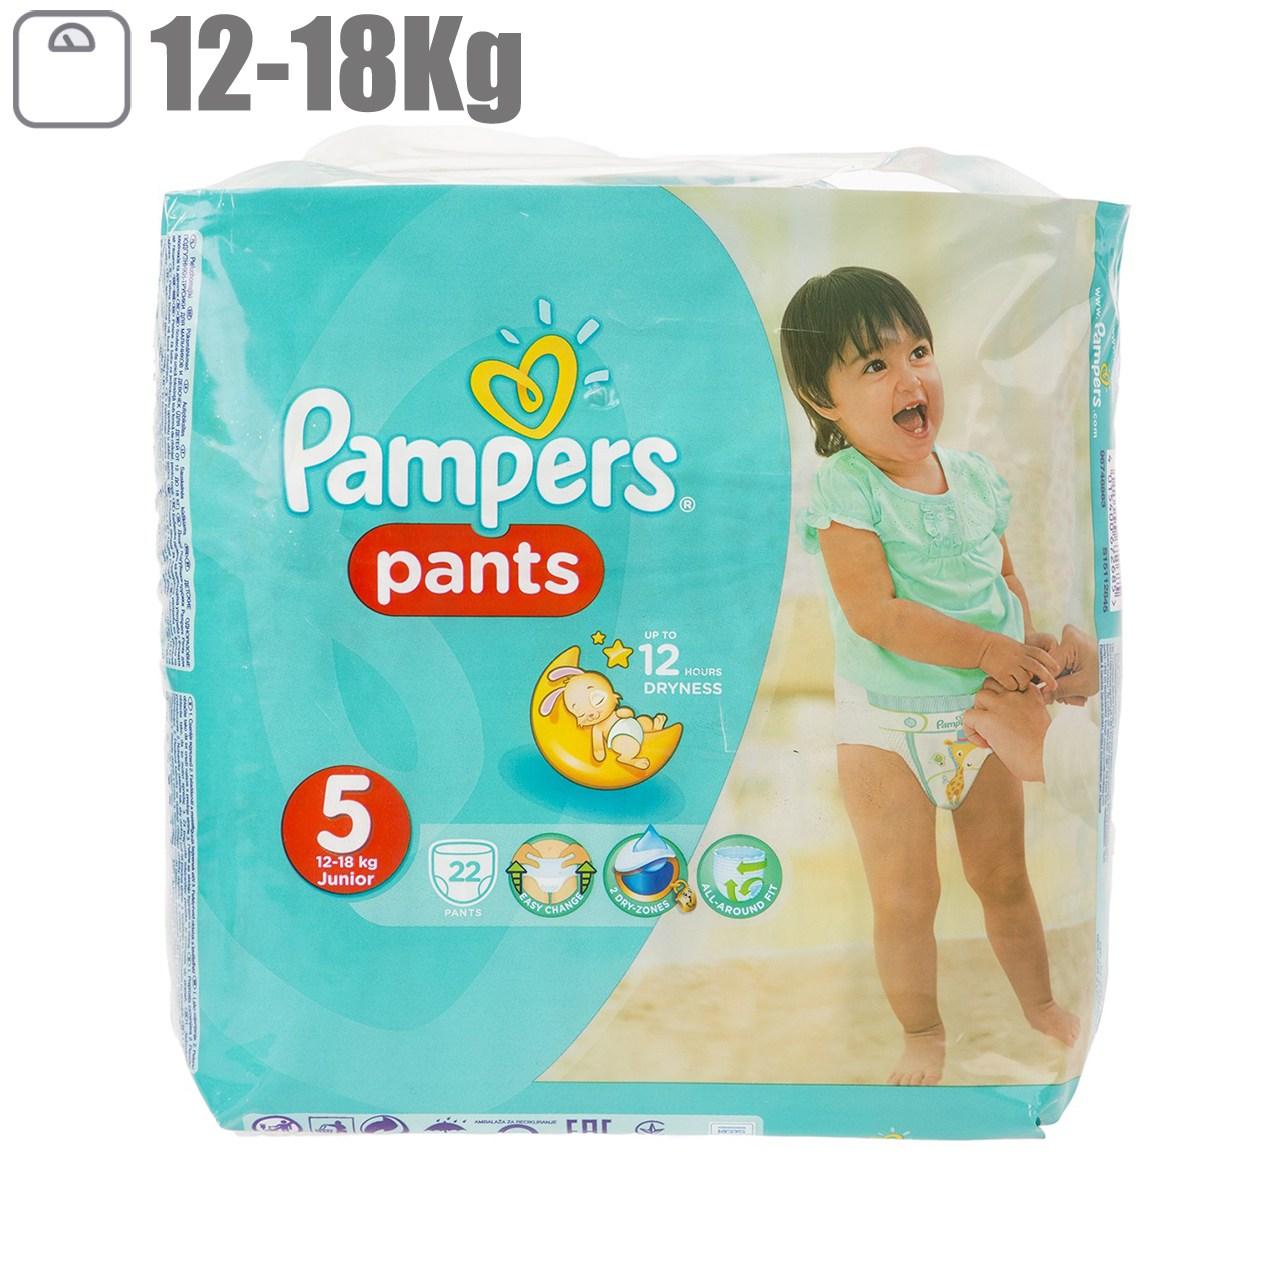 پوشک پمپرز مدل Pants سایز 5 بسته 22 عددی